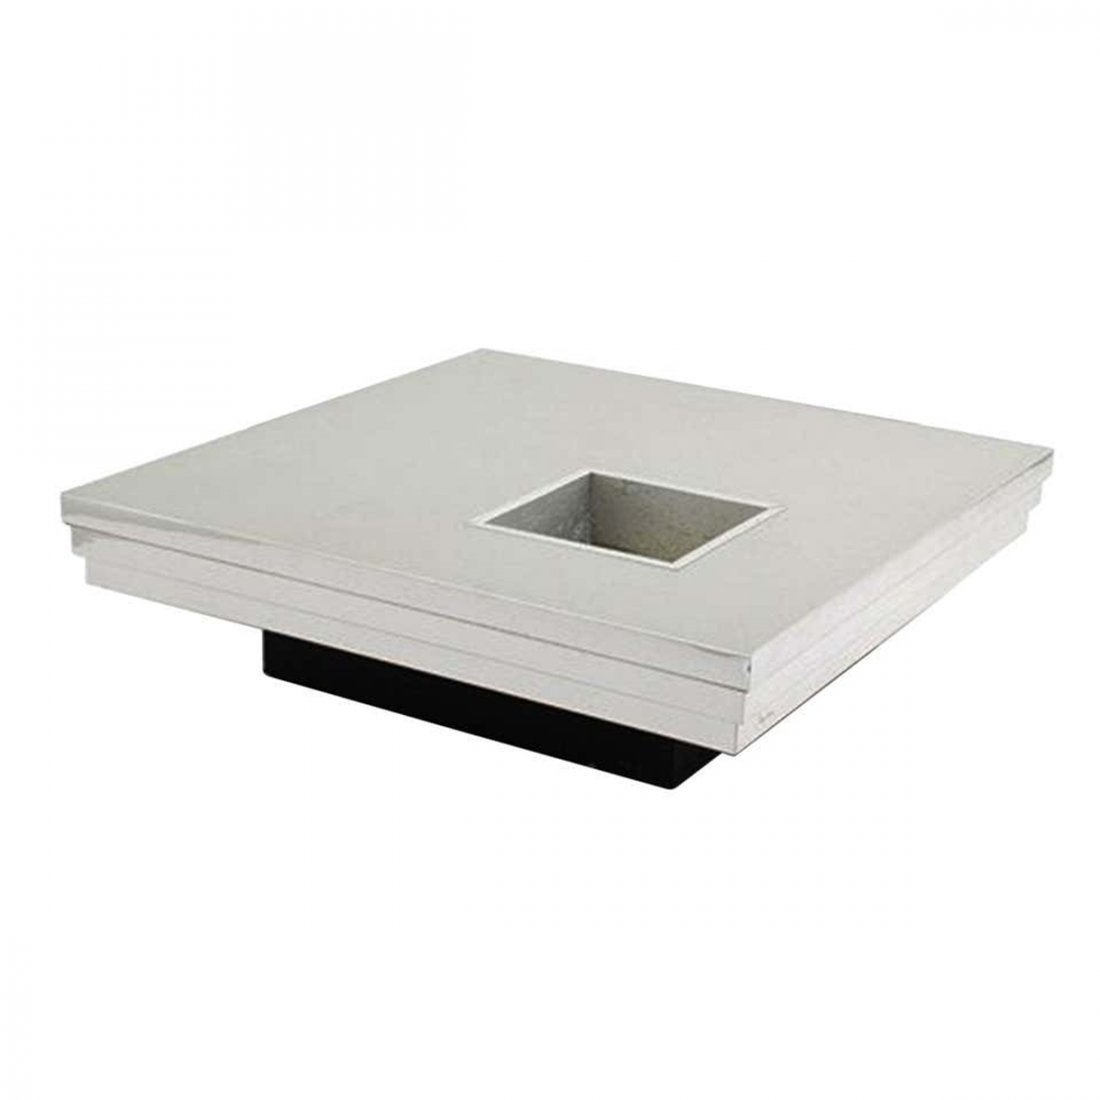 Pierre Cardin Coffee Table w/ a Graduated Aluminum Top